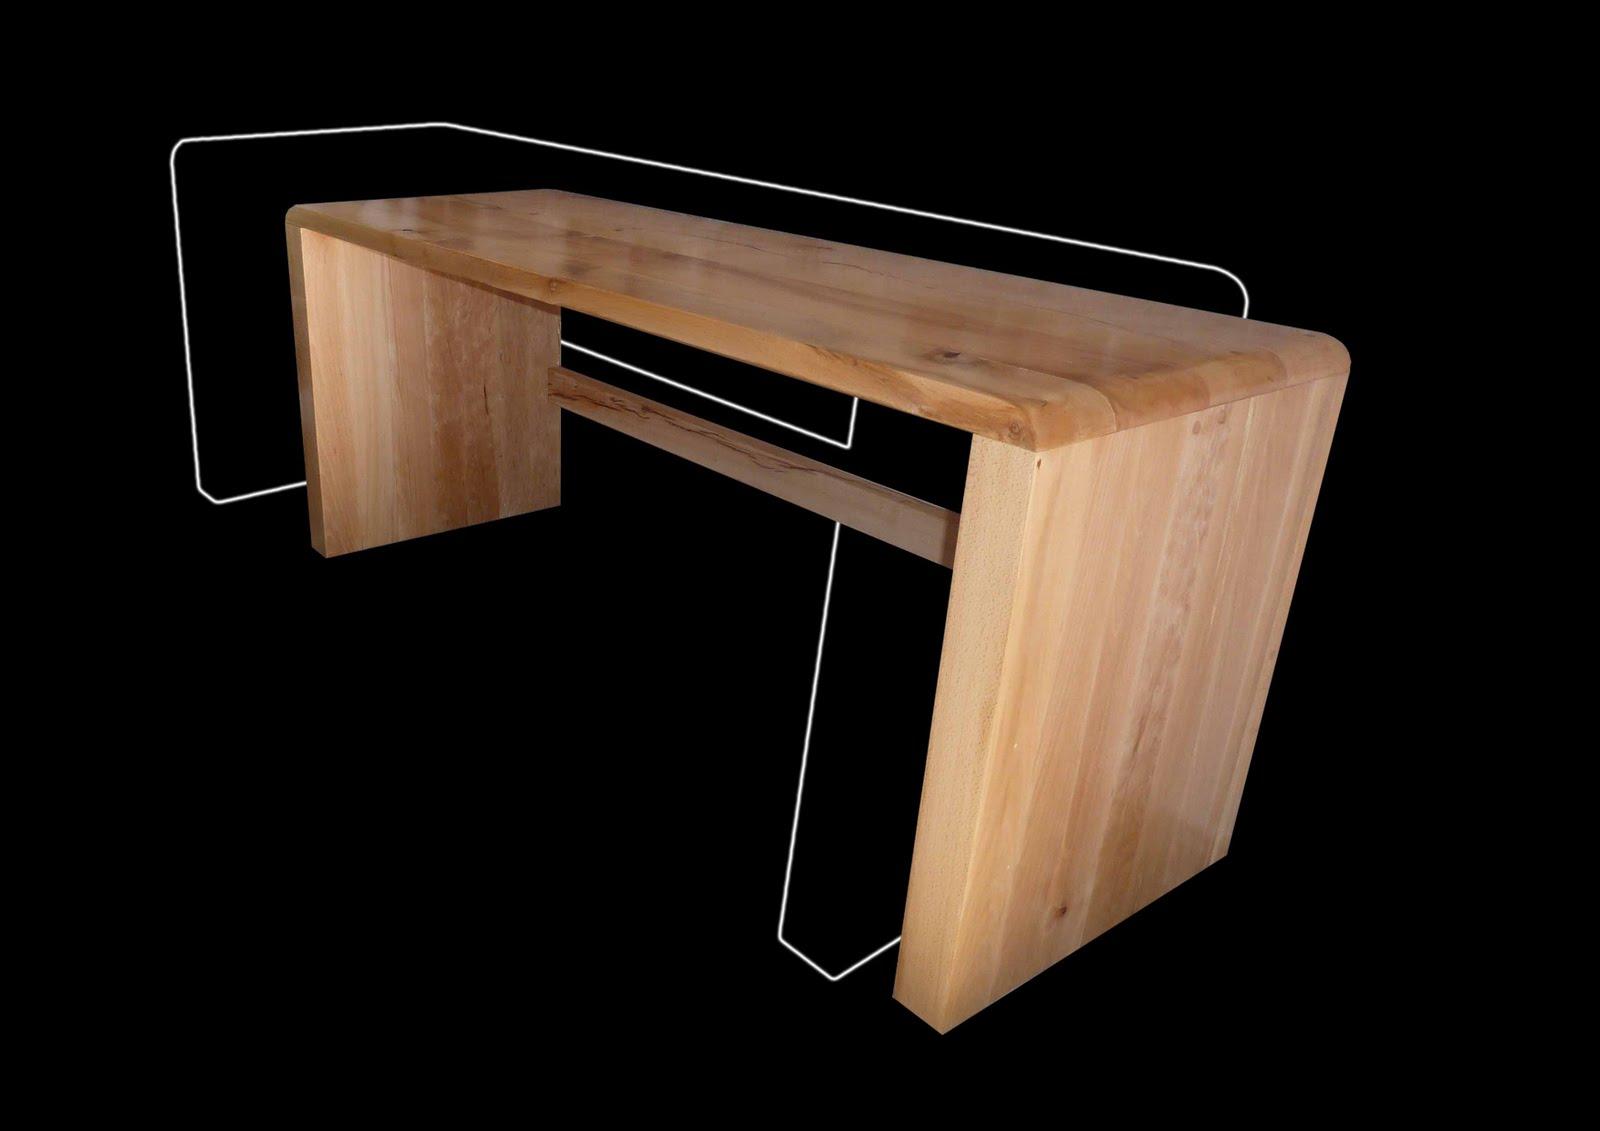 la petite fabrik bureau h tre. Black Bedroom Furniture Sets. Home Design Ideas